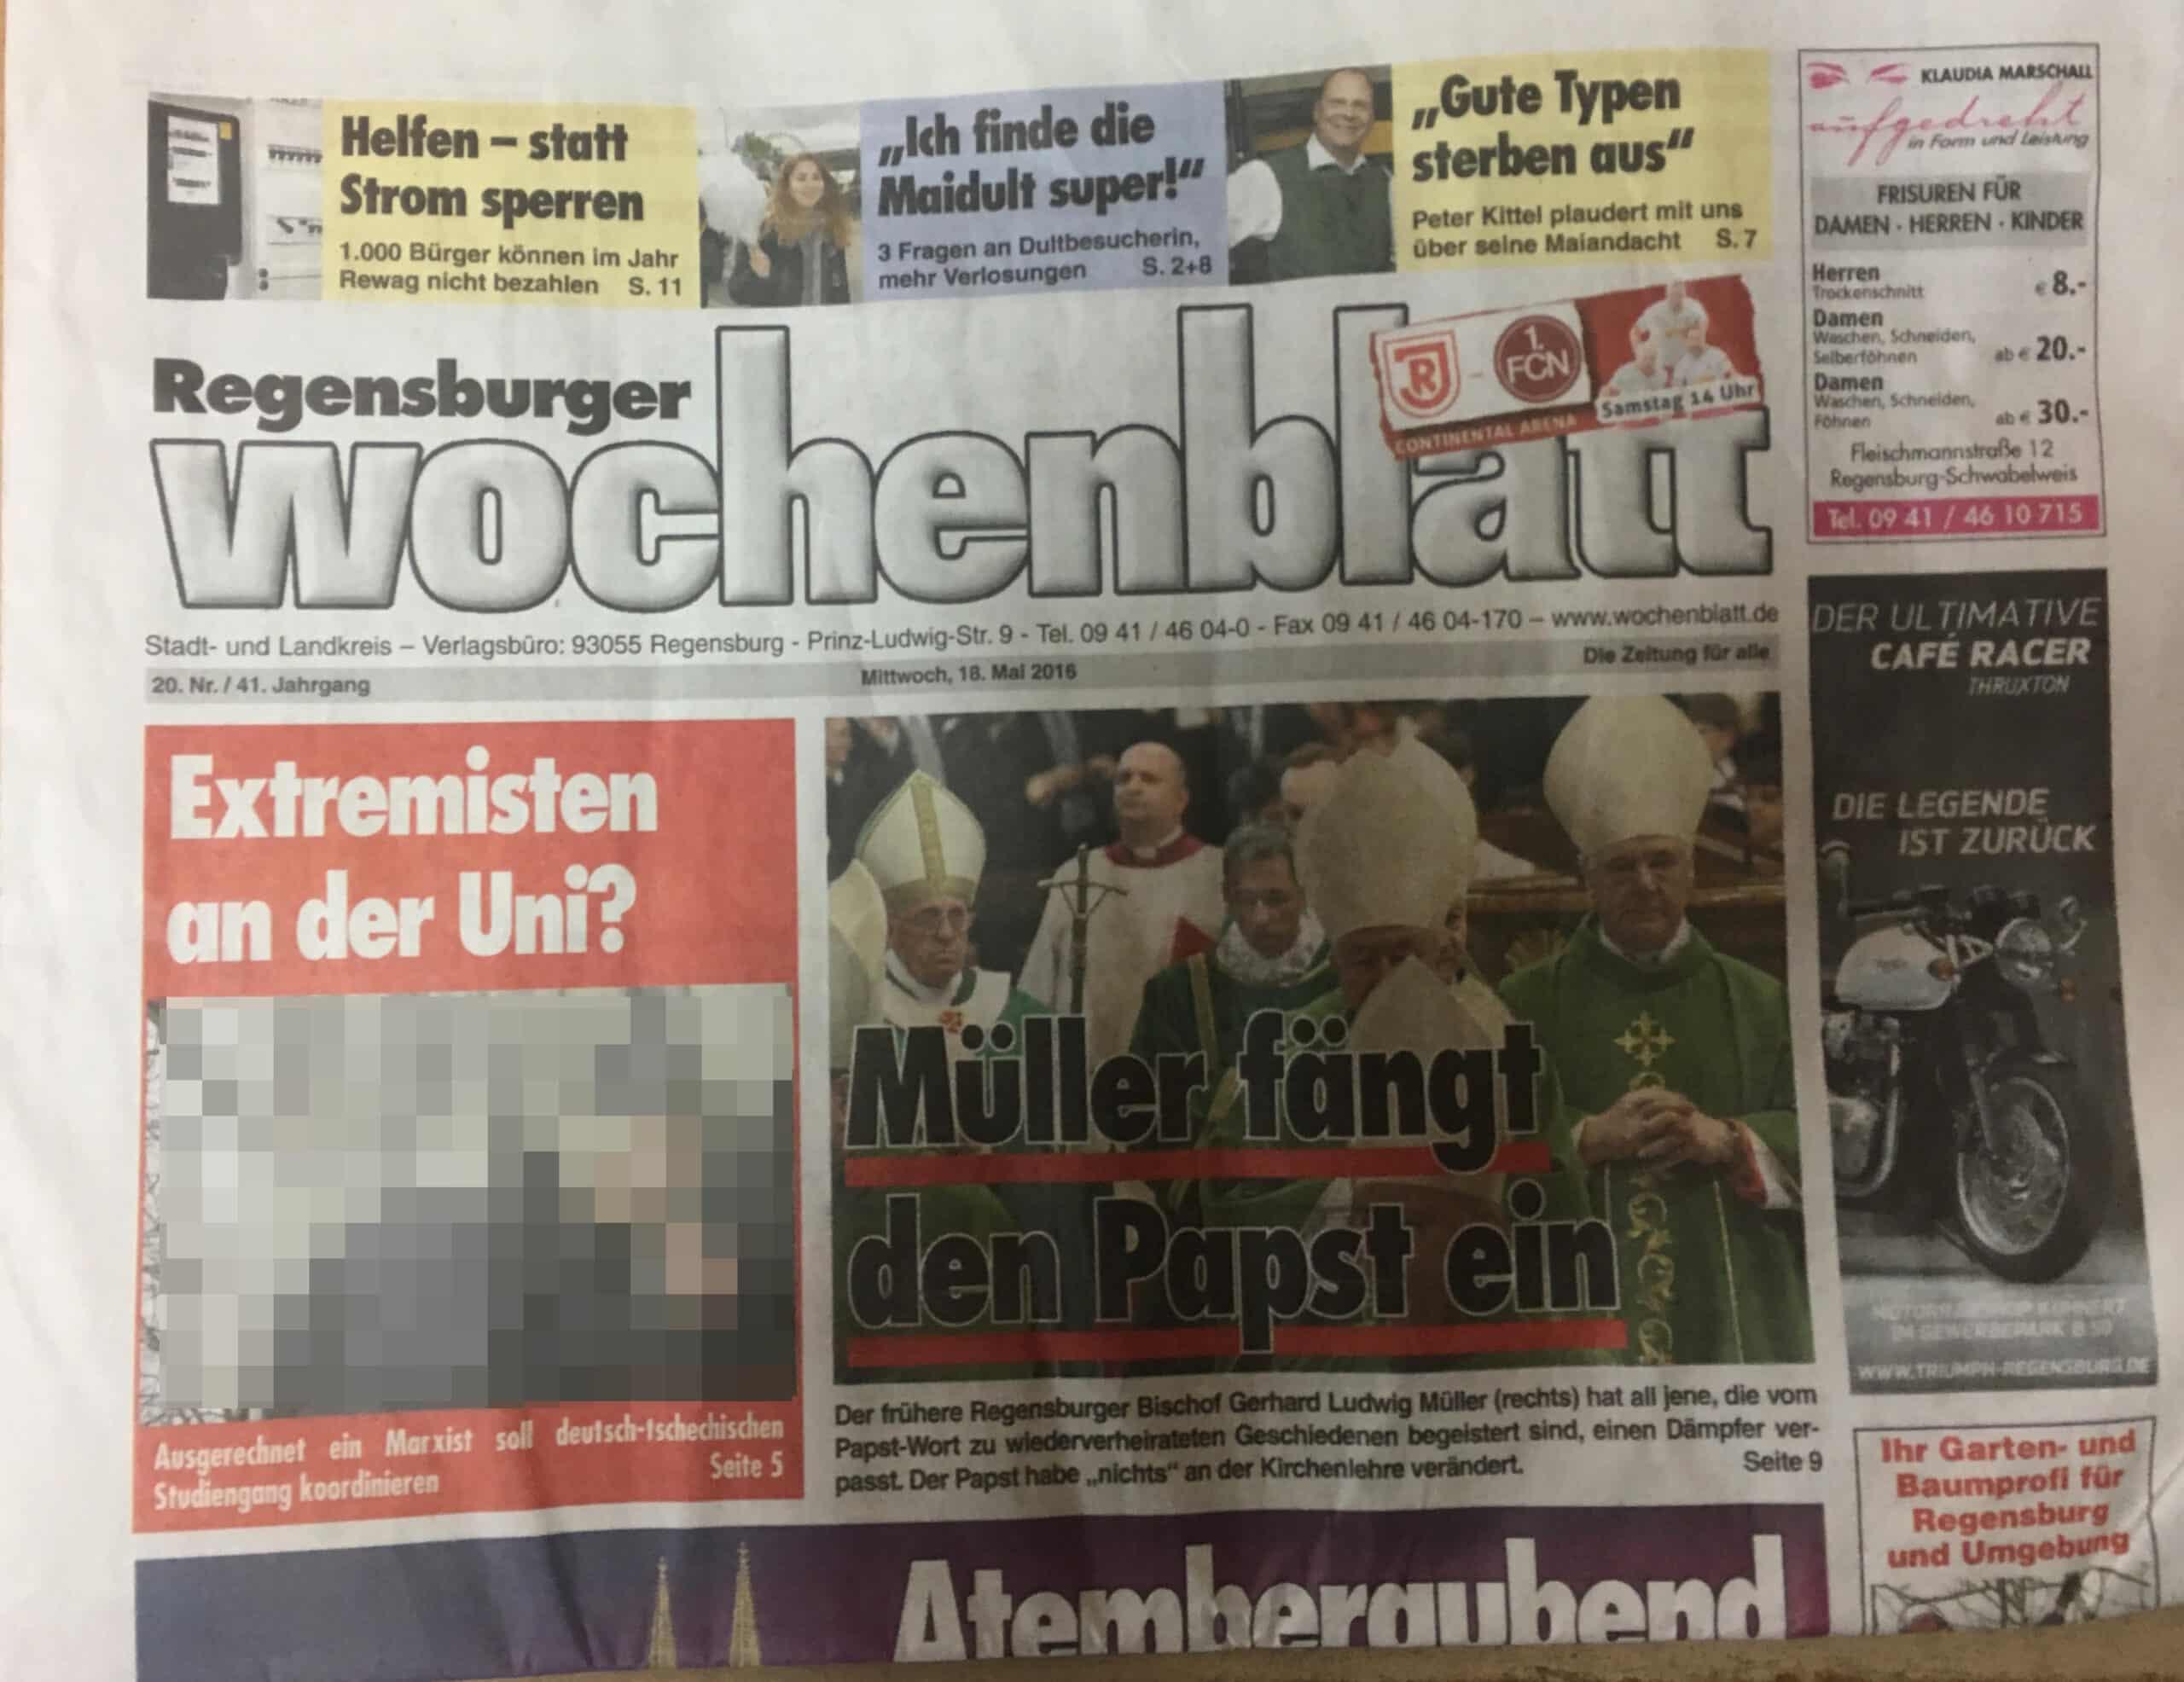 Wochenblatt De Regensburg